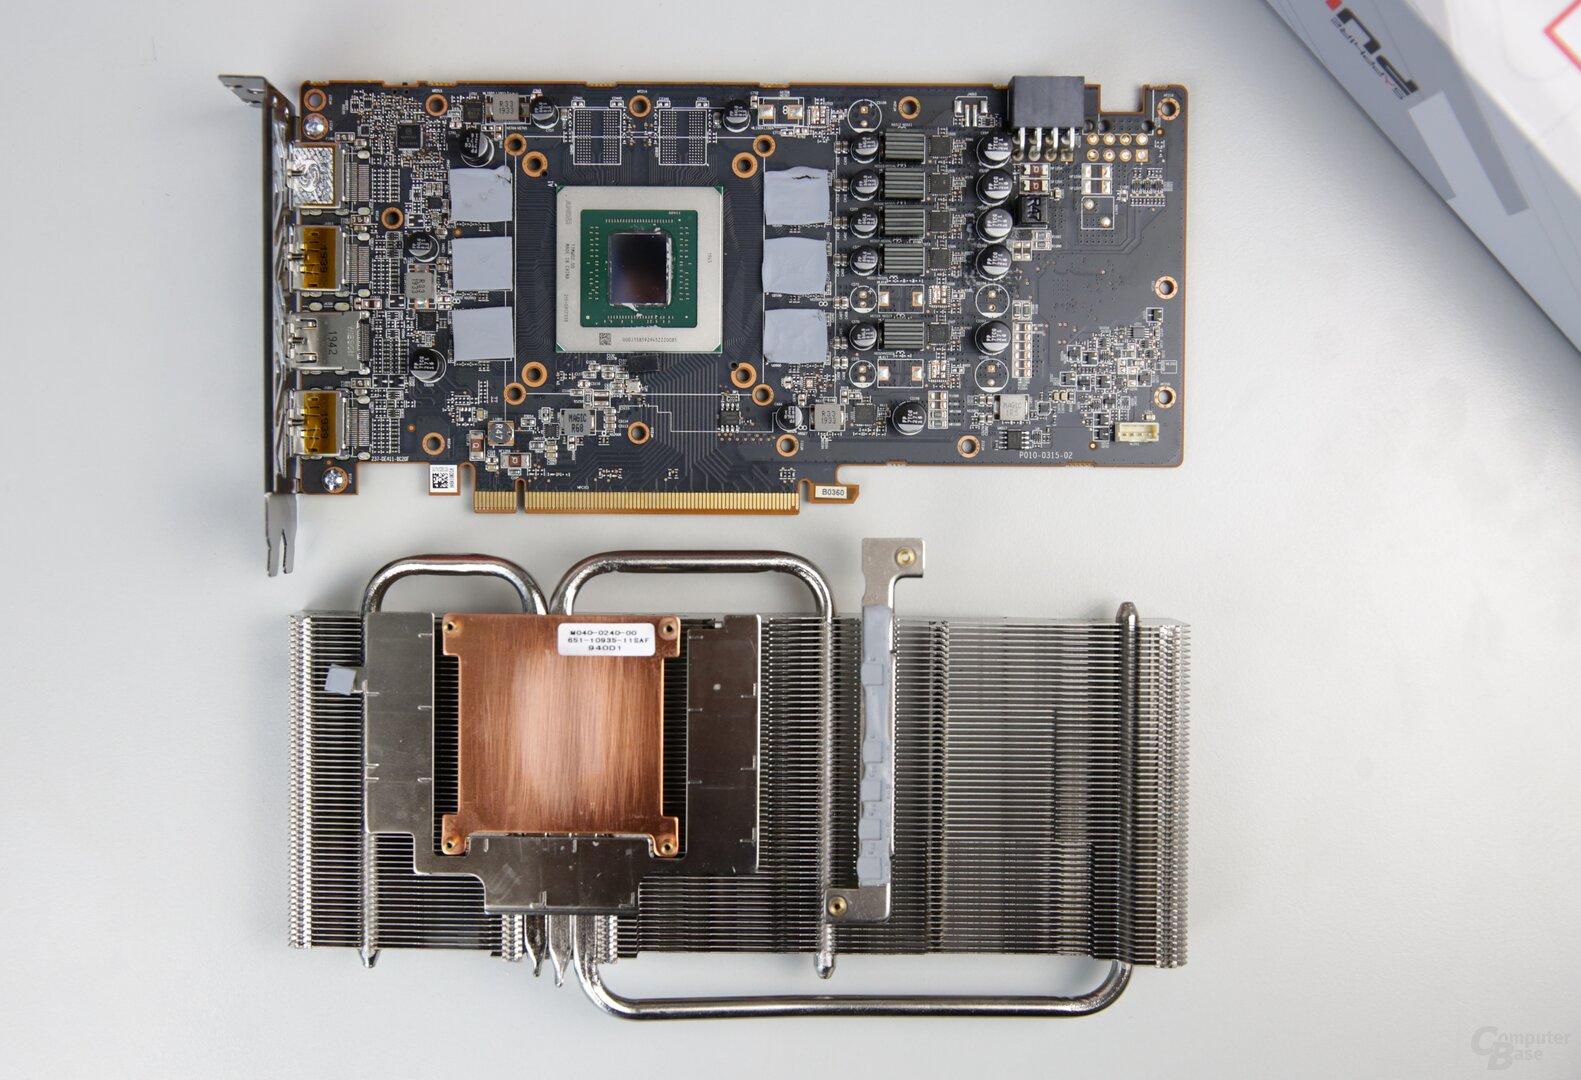 PCB und Kühler der Radeon RX 5600 Pulse sind von der RX 5700 bekannt